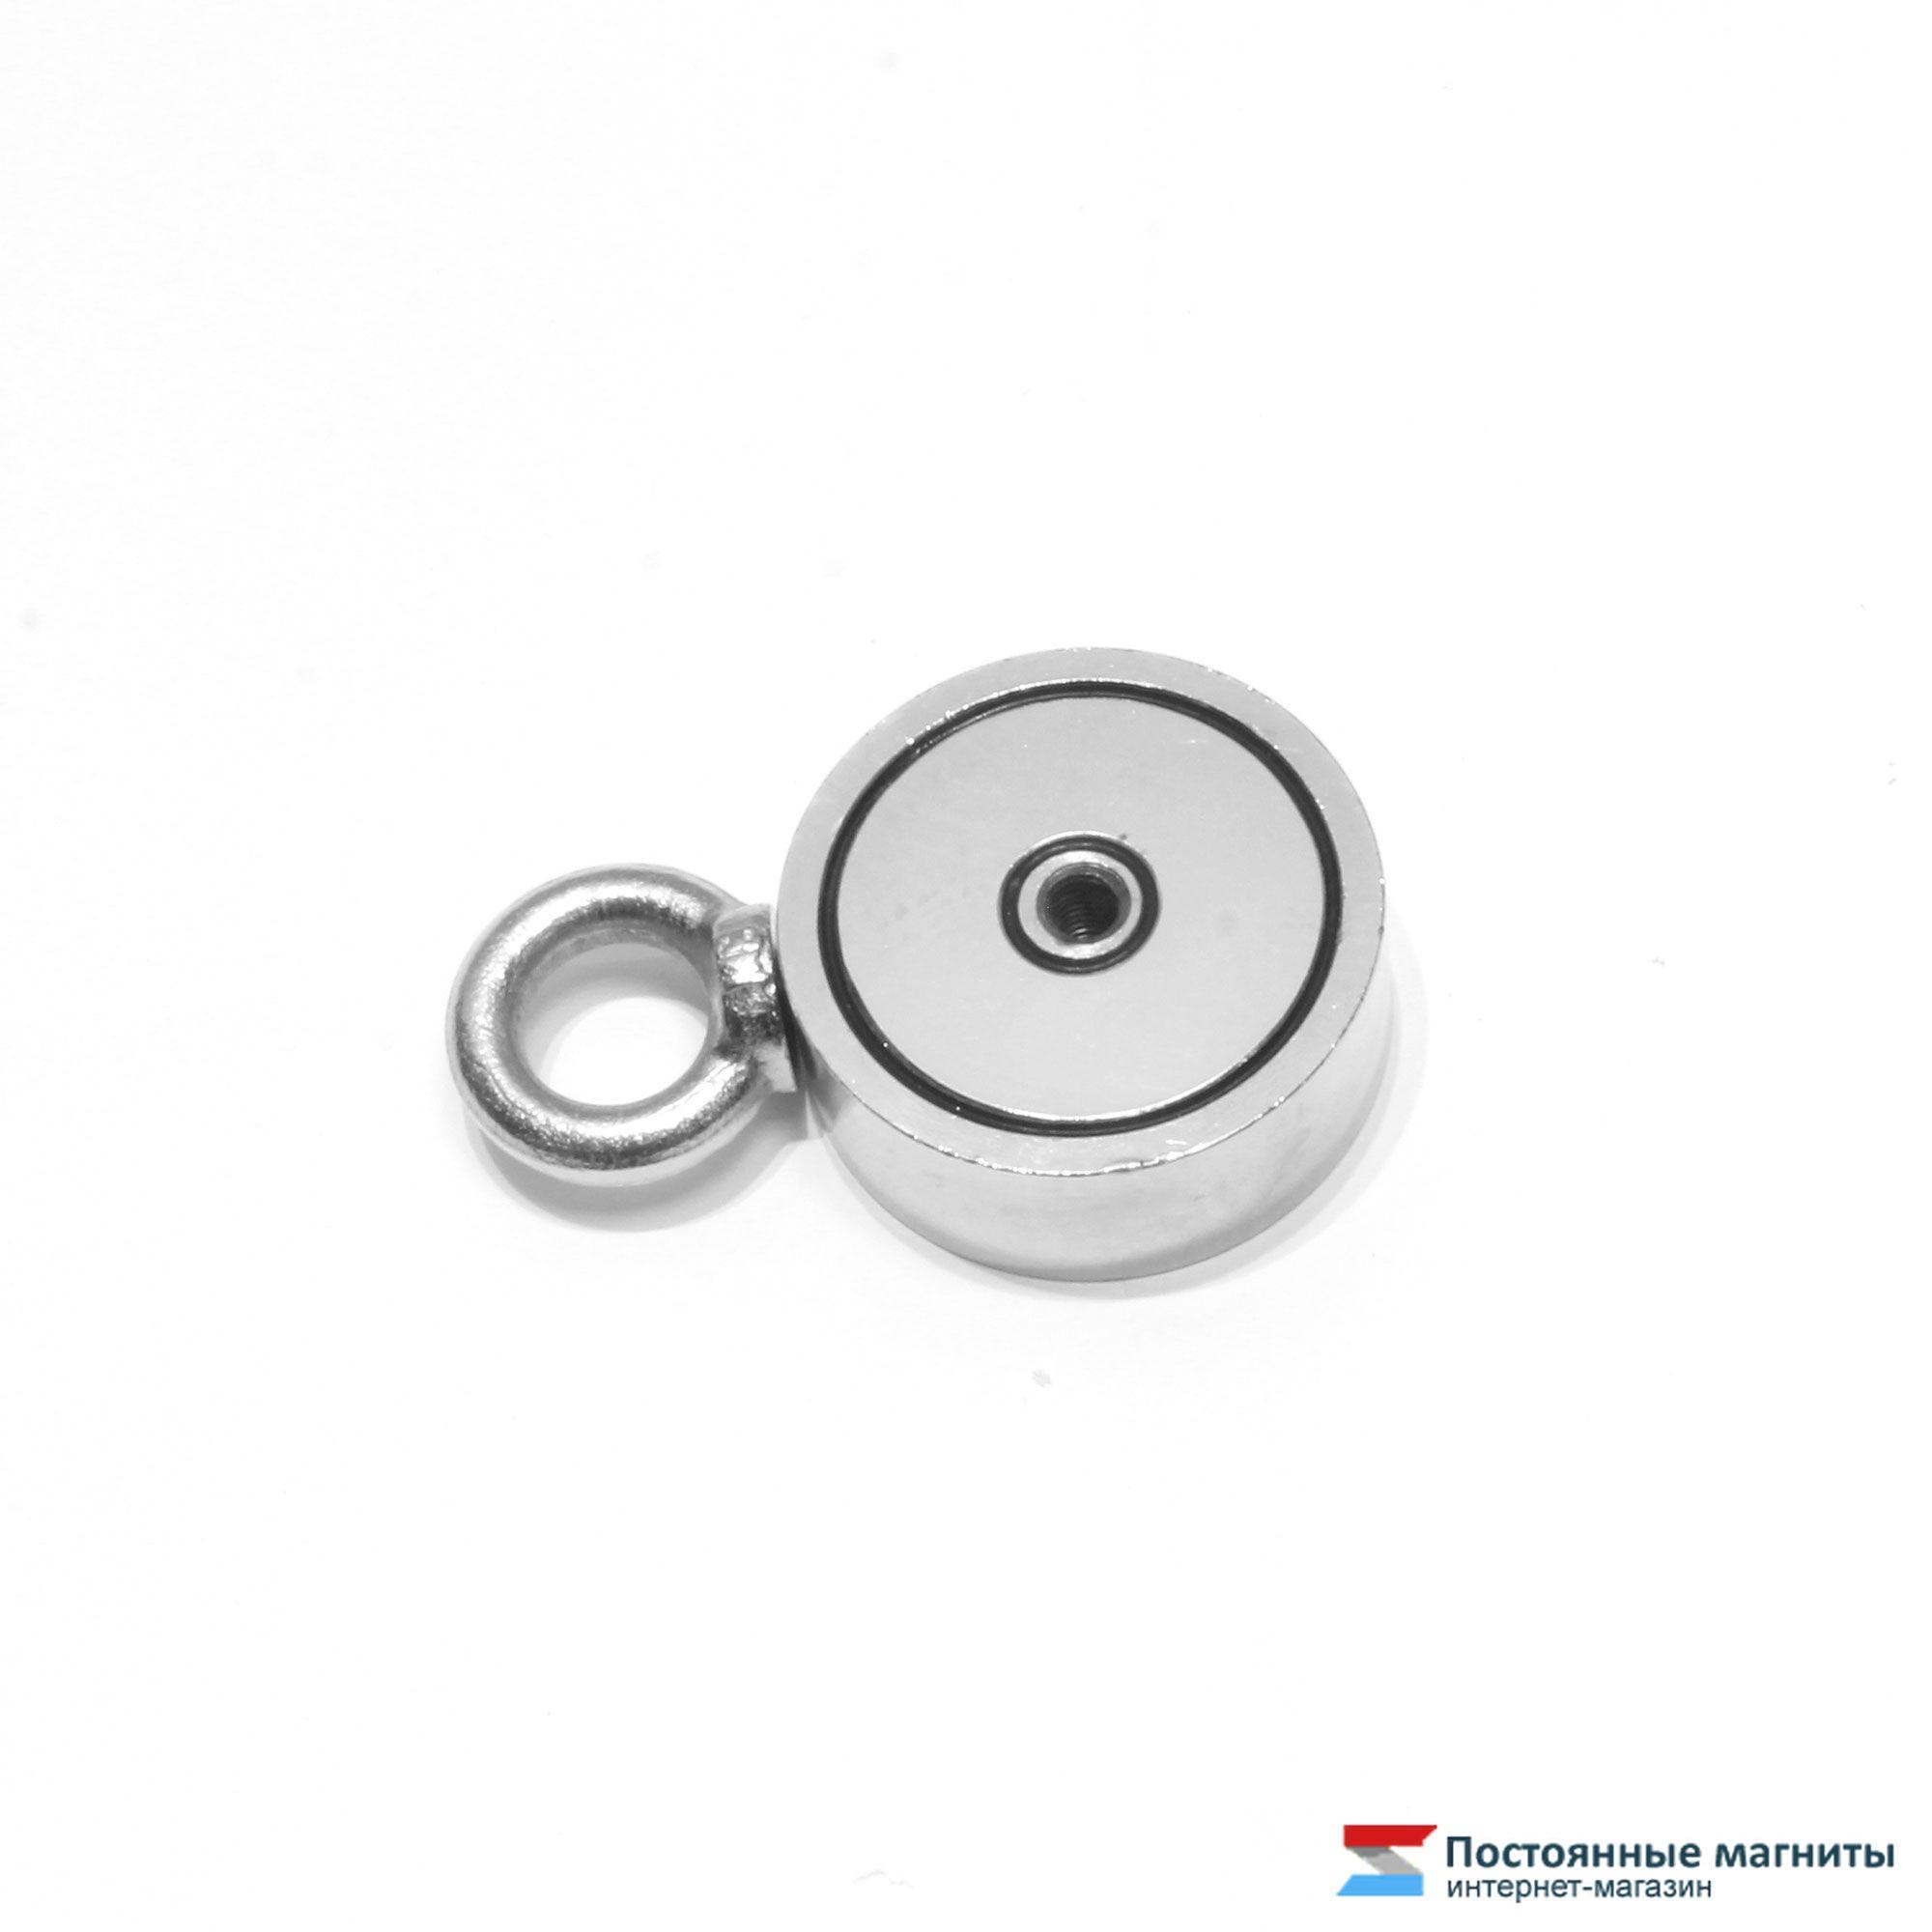 Купить двухсторонний поисковый магнит f120x2 - цена, характе.